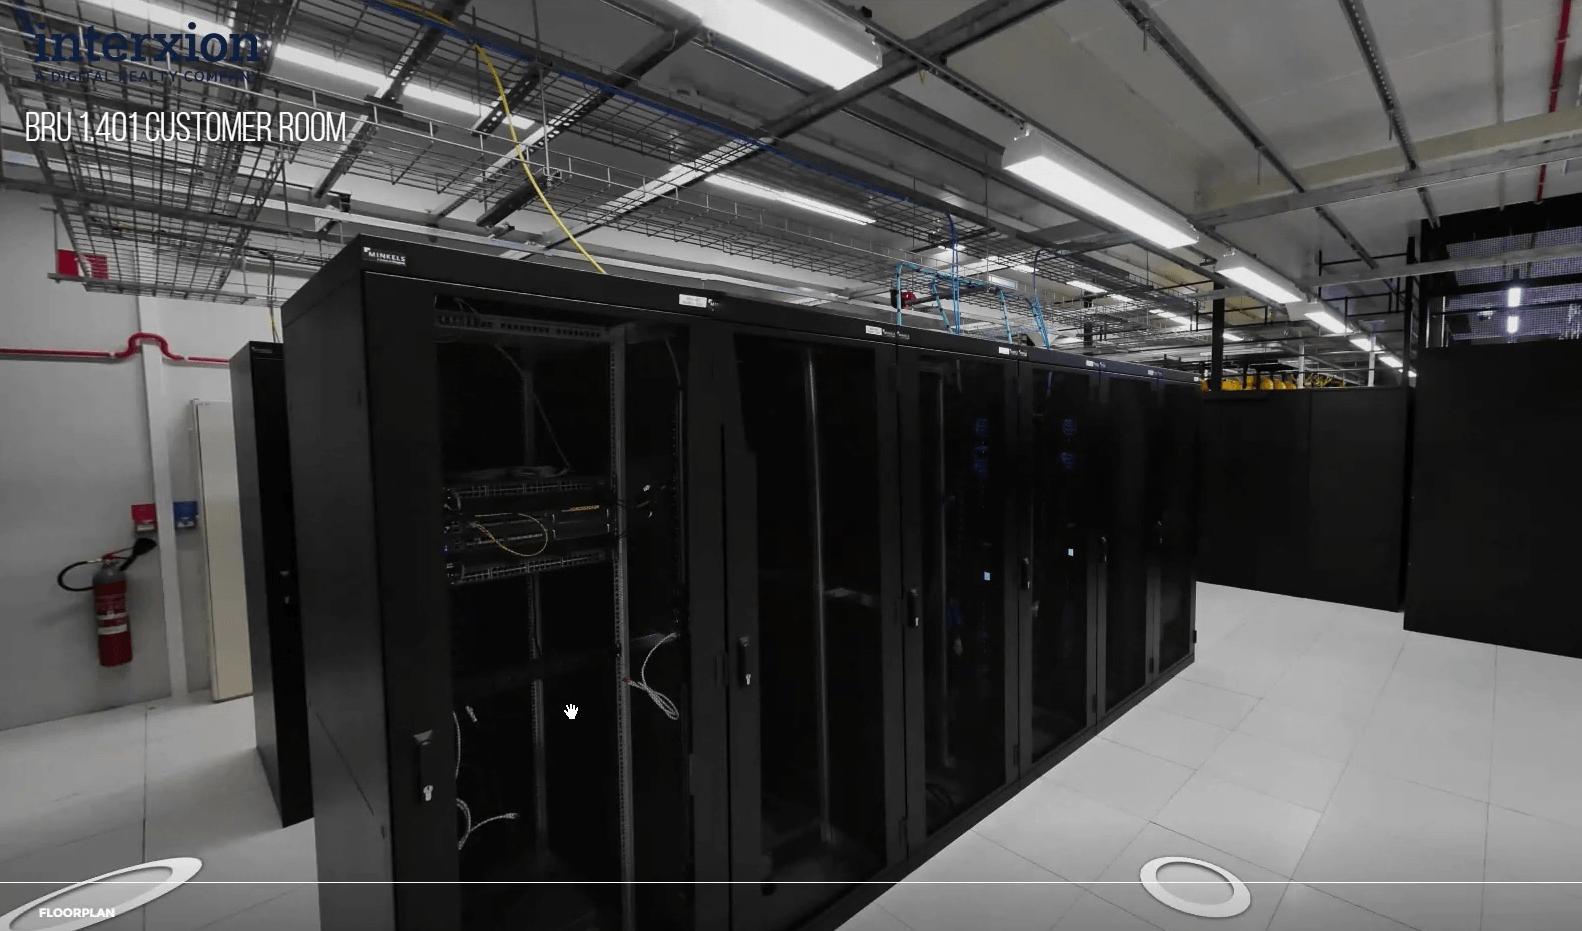 Interxion 360 virtual tour